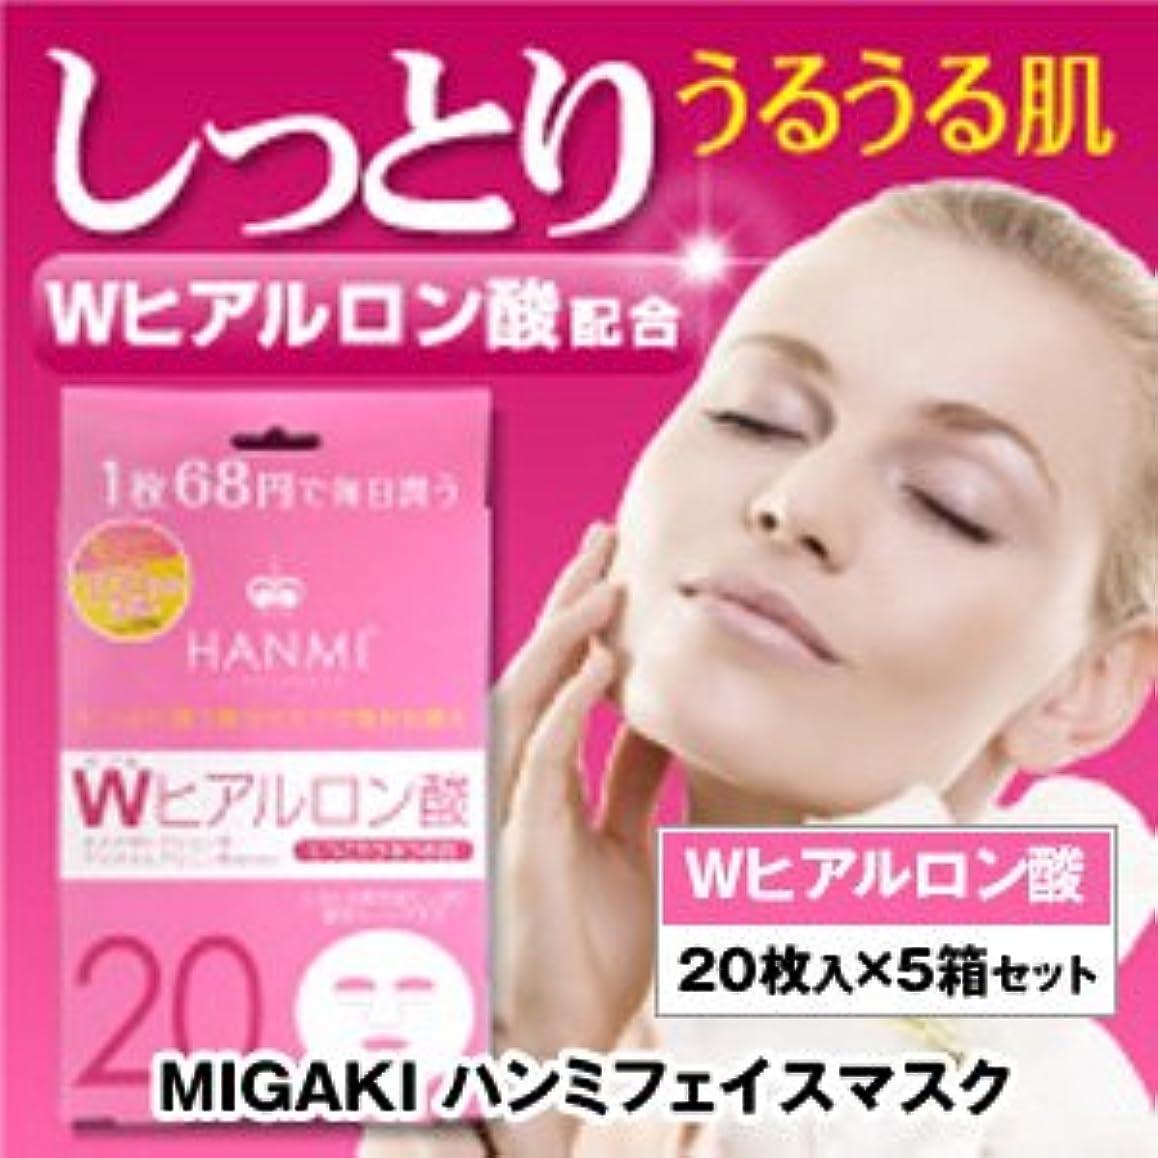 カニ動作機動MIGAKI ハンミフェイスマスク Wヒアルロン酸 5箱セット